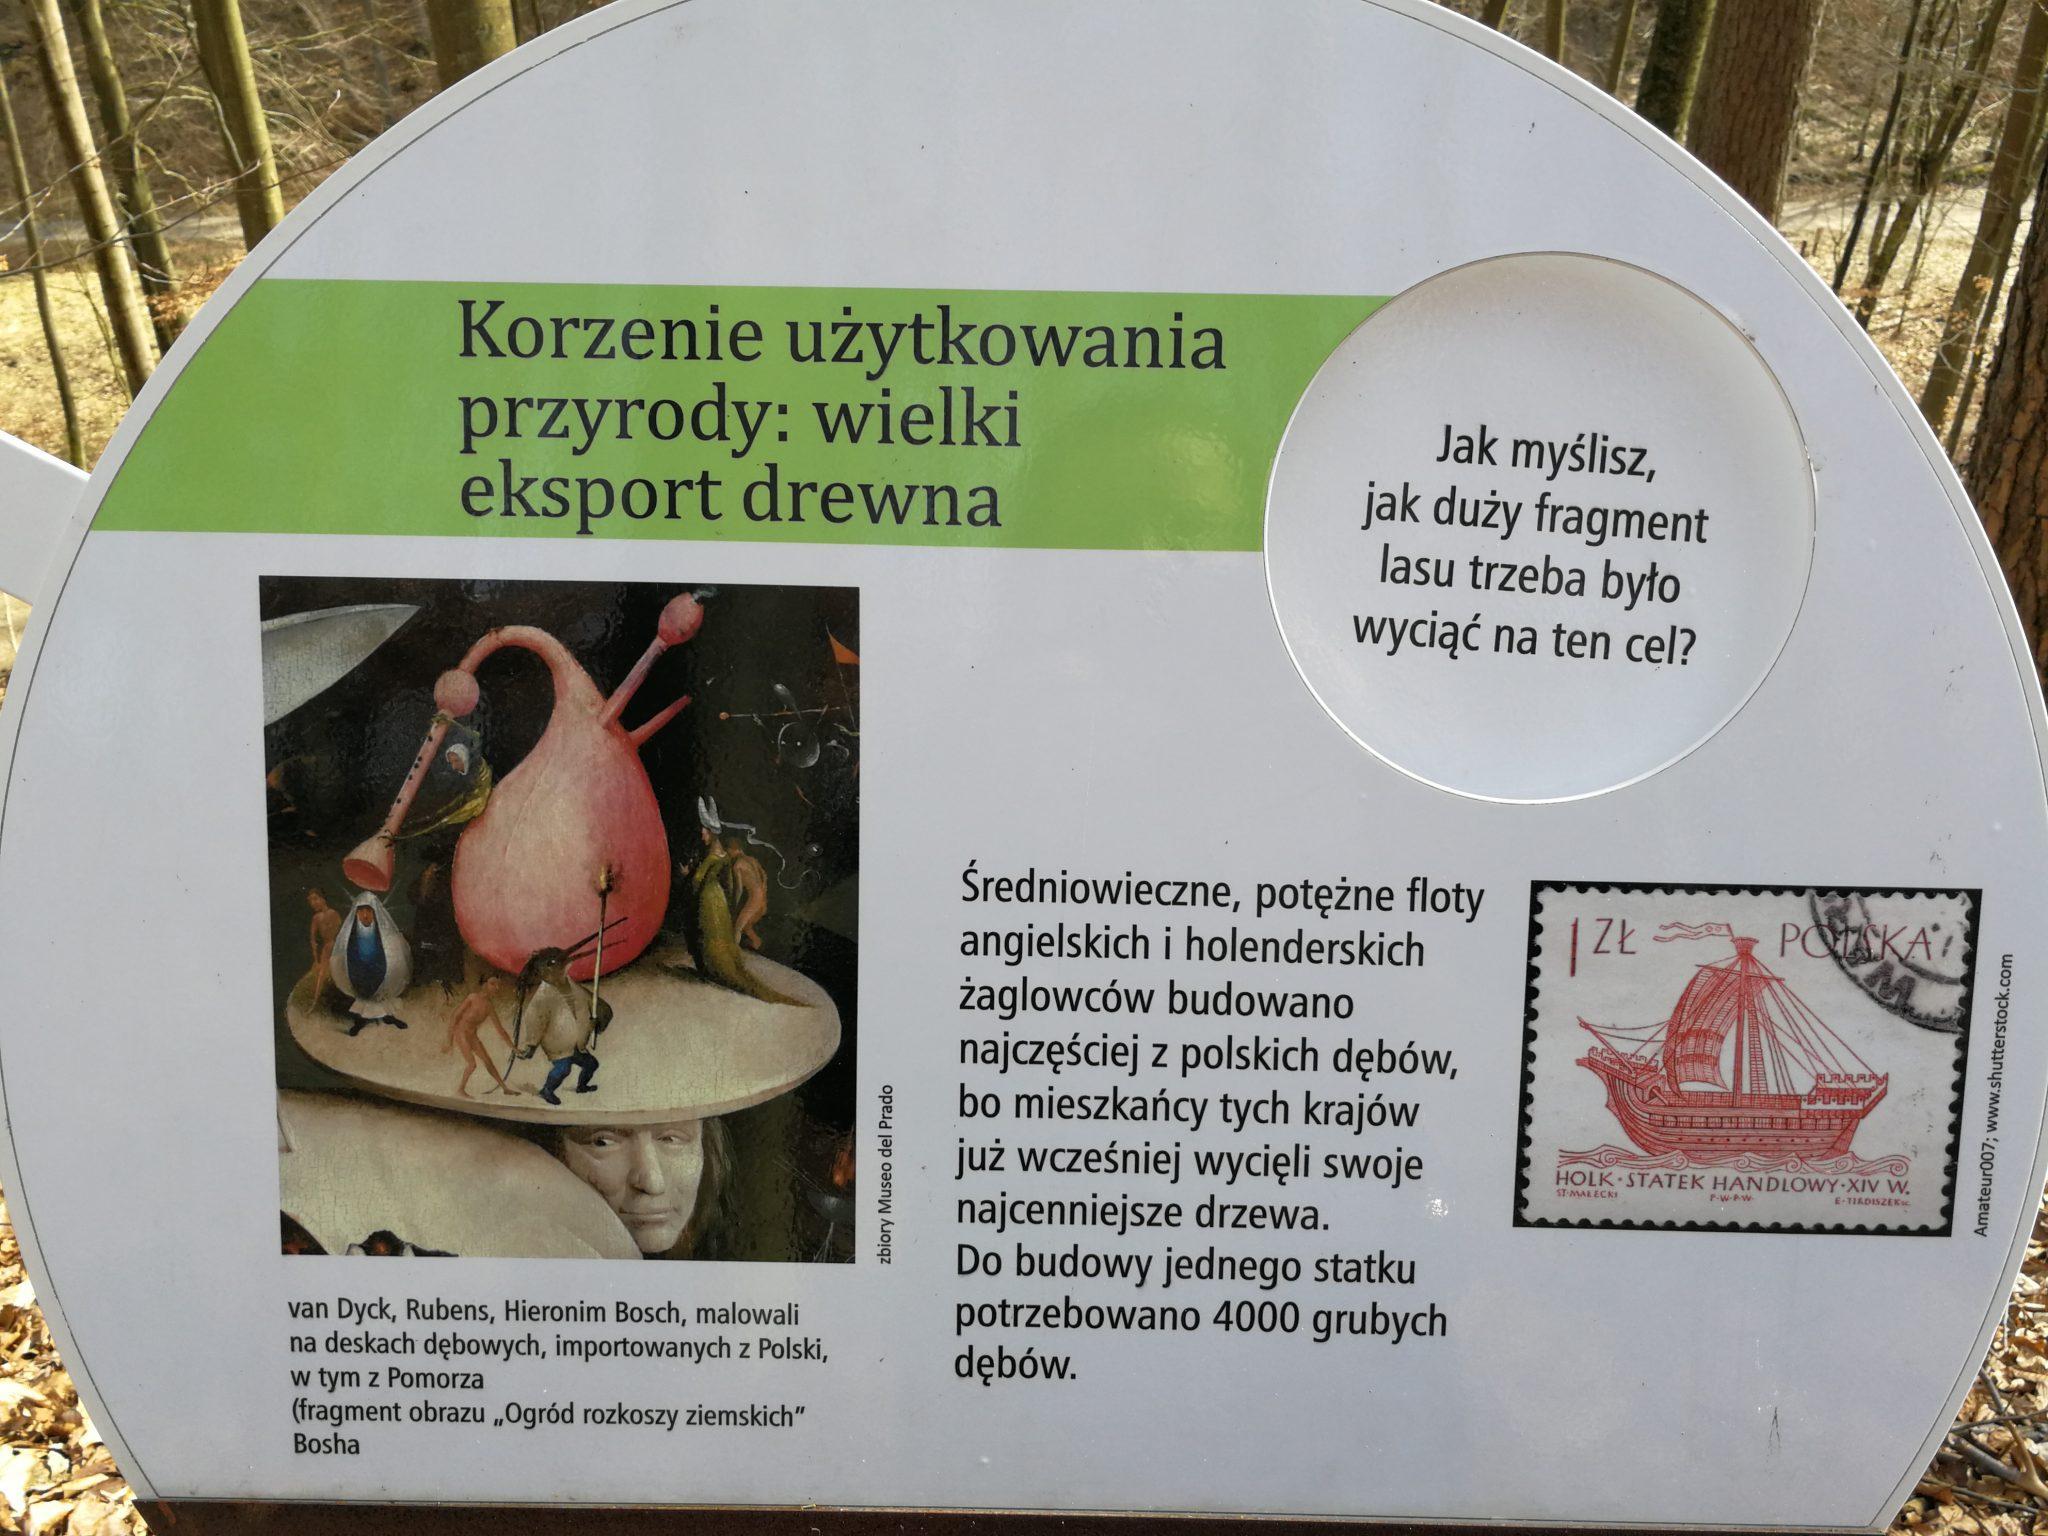 Leśny-Ogród-Botaniczny-w-Marszewie-Rubens-malował-na-polskich-deskach-dębowych